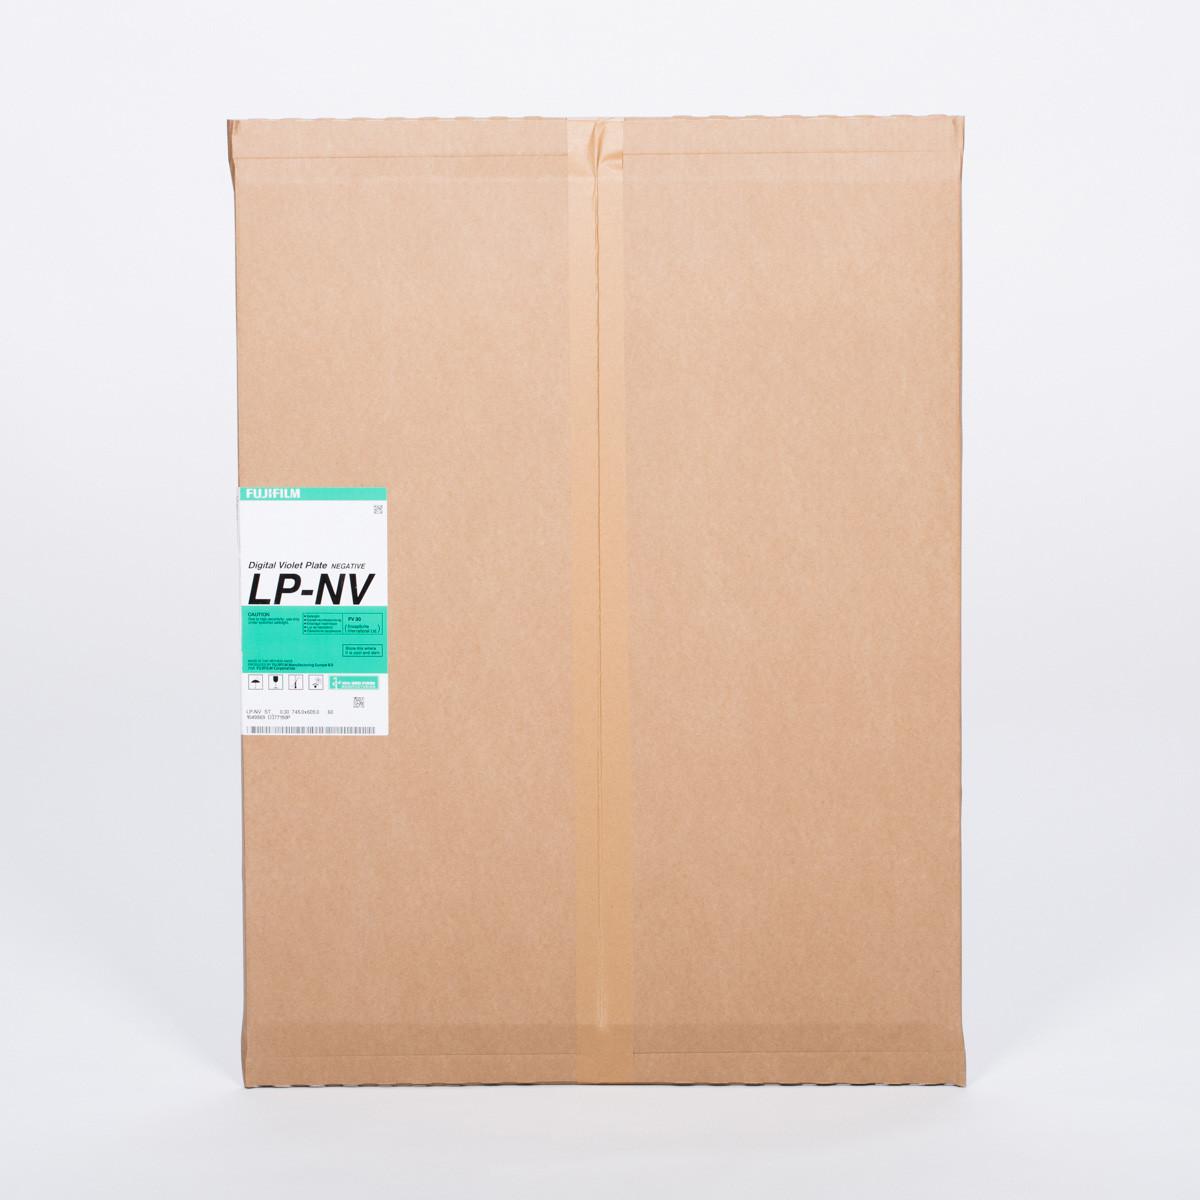 FUJI LP-NV ST 450x370x0,15x100